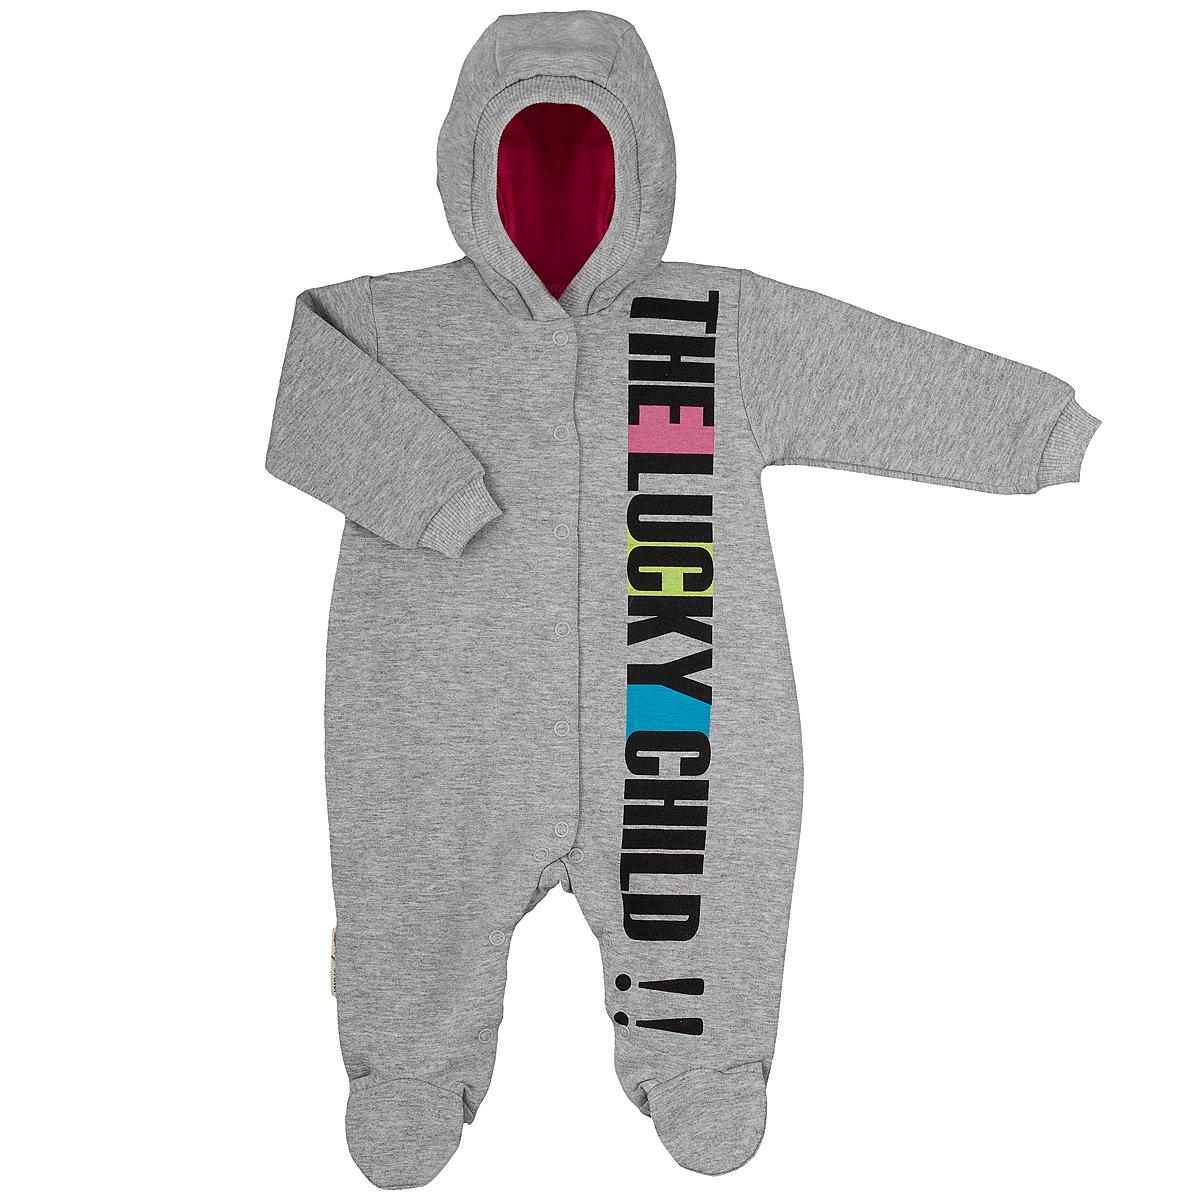 Комбинезон домашний1-3Детский комбинезон с капюшоном Lucky Child - очень удобный и практичный вид одежды для малышей. Комбинезон выполнен из натурального хлопка, благодаря чему он необычайно мягкий и приятный на ощупь, не раздражают нежную кожу ребенка и хорошо вентилируются, а эластичные швы приятны телу малыша и не препятствуют его движениям. Комбинезон с длинными рукавами и закрытыми ножками имеет застежки-кнопки по центру от горловины до щиколоток, которые помогают легко переодеть младенца или сменить подгузник. Спереди он оформлен оригинальным принтом в виде надписи The Lucky Child!!. Рукава понизу дополнены широкими трикотажными манжетами, не перетягивающими запястья. С детским комбинезоном Lucky Child спинка и ножки вашего малыша всегда будут в тепле, он идеален для использования днем и незаменим ночью. Комбинезон полностью соответствует особенностям жизни младенца в ранний период, не стесняя и не ограничивая его в движениях!